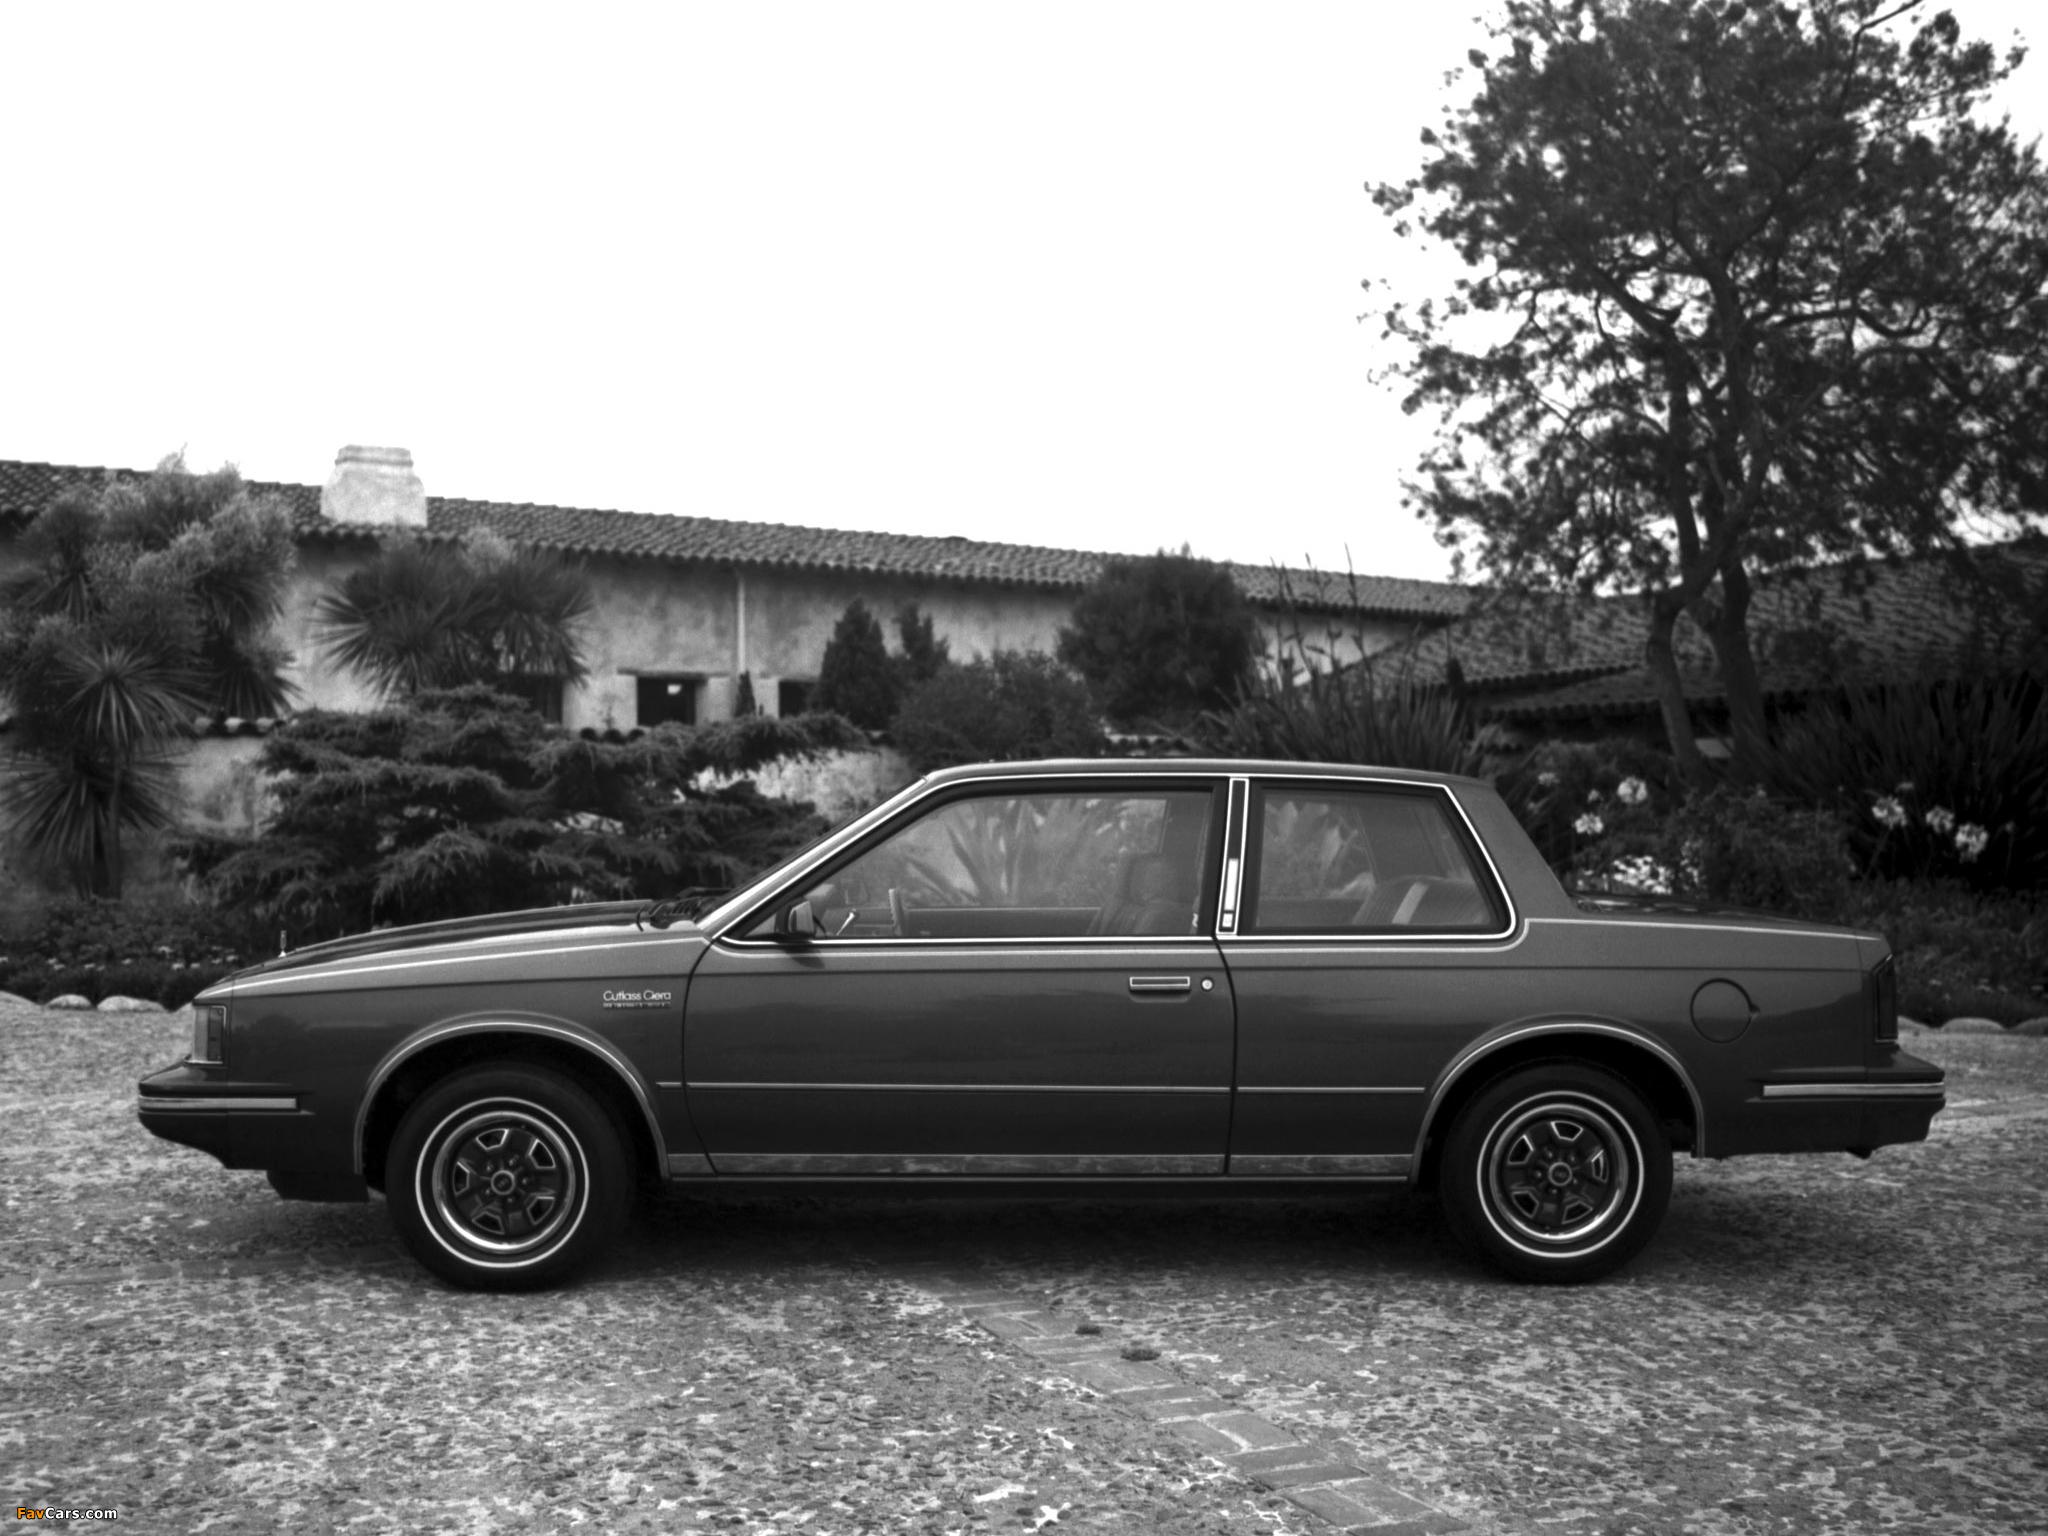 Oldsmobile Cutlass Ciera LS Coupe (J27) 1983 photos (2048 x 1536)